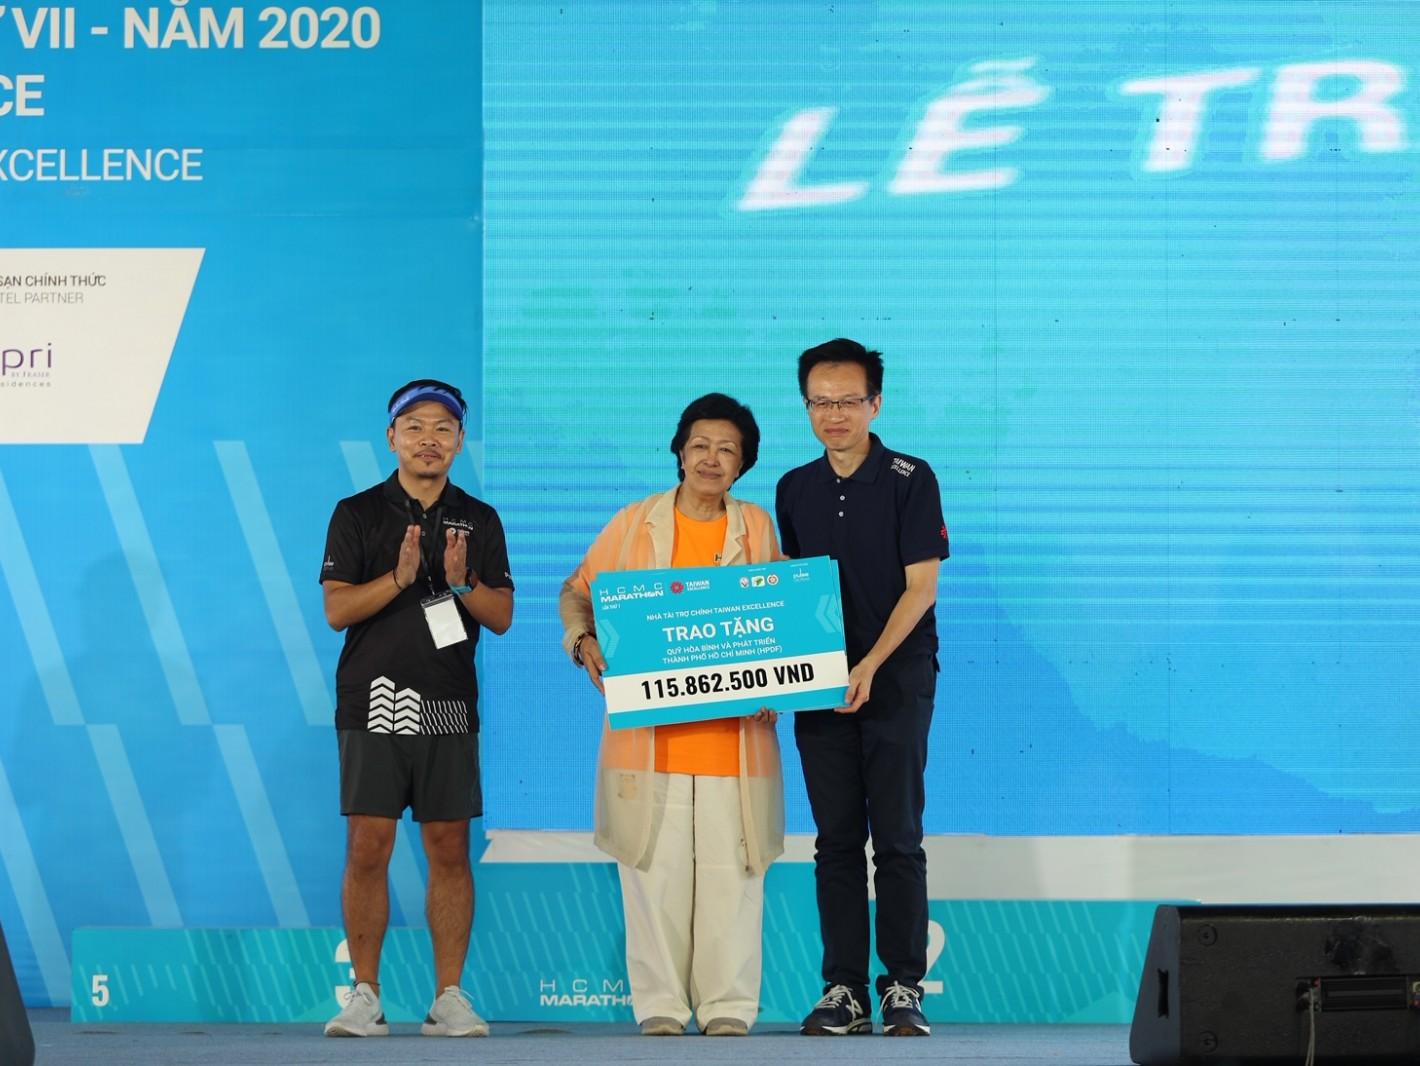 吳俊澤處長(右一)於大會公益捐贈活動代表台灣精品捐贈當地慈善團體HPDF,幫助橙劑受害者邁向運動健康新生活。